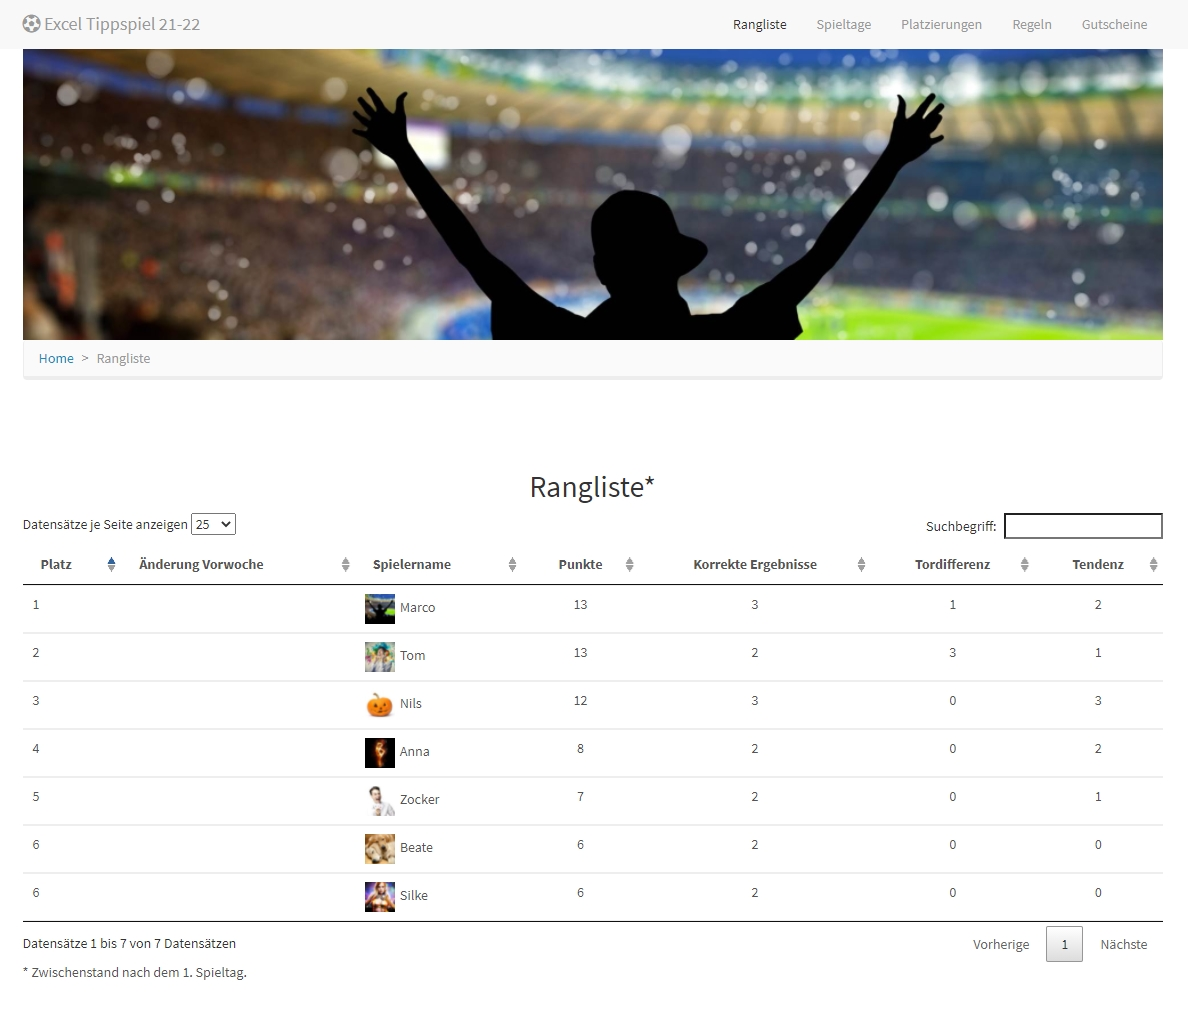 HTML-Rangliste mit Profilbildern